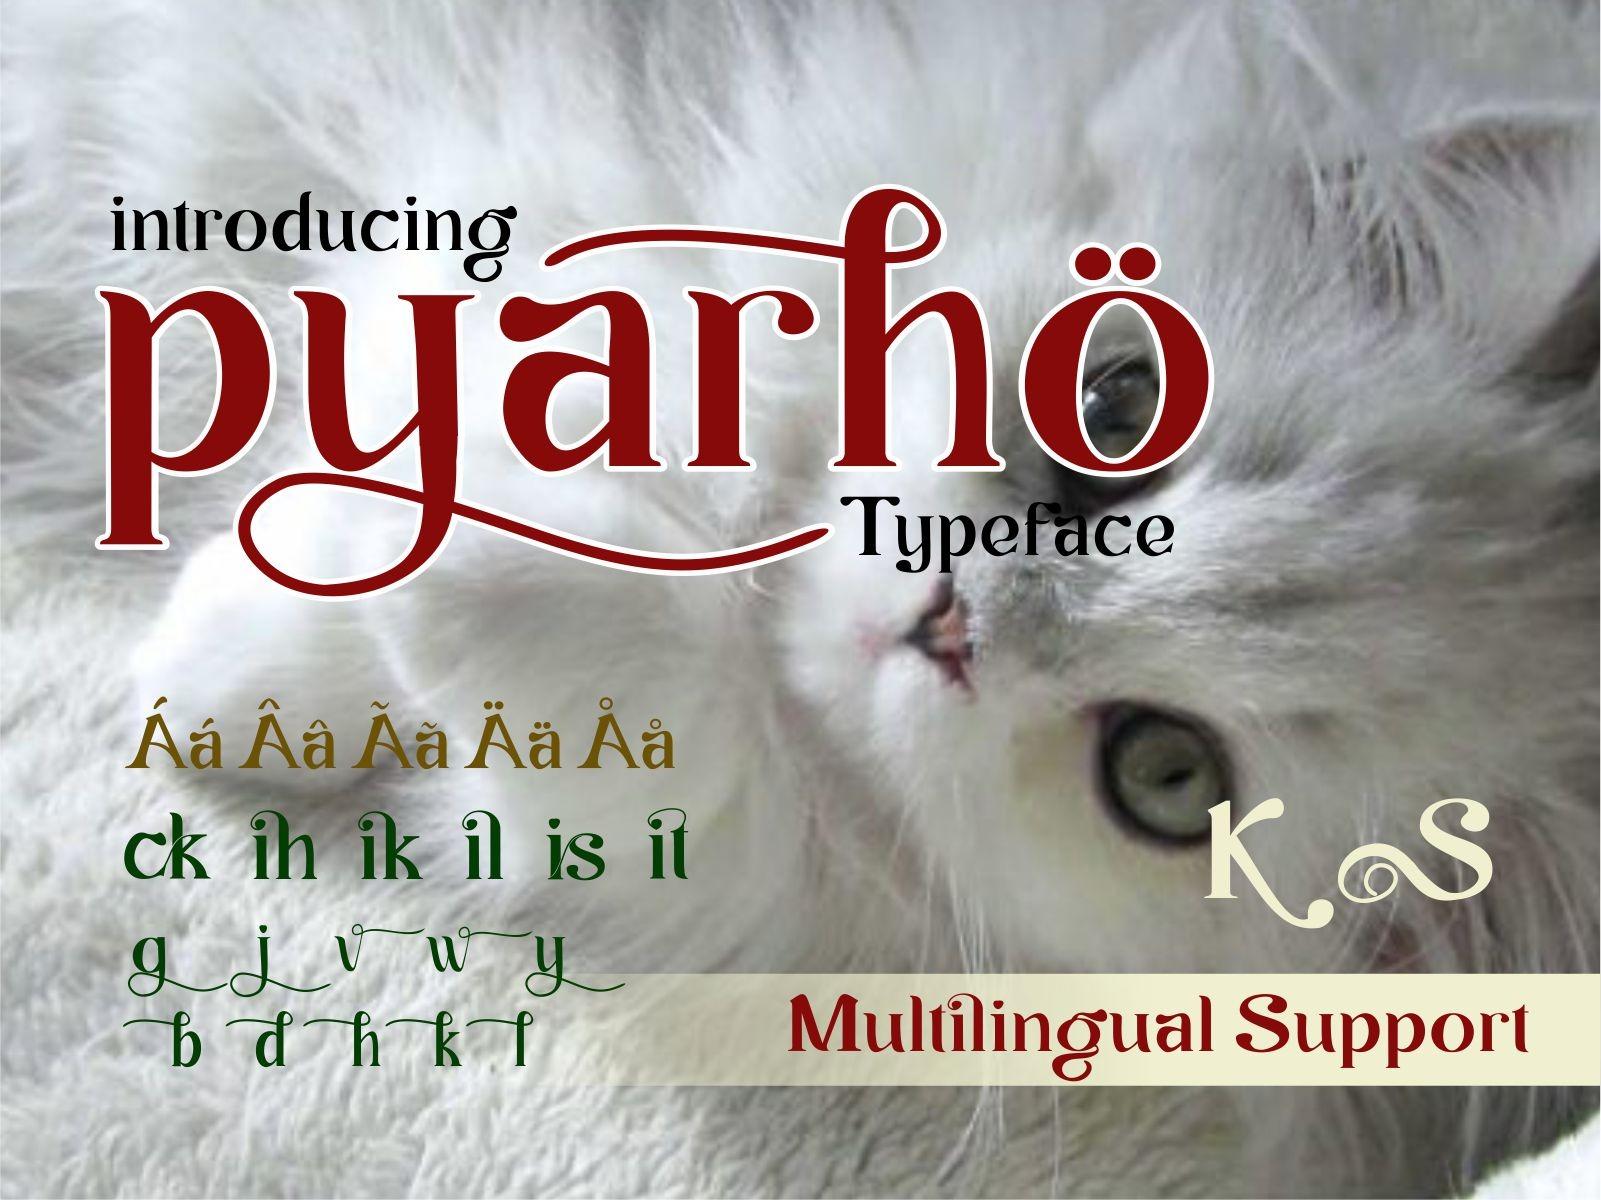 Pyarho